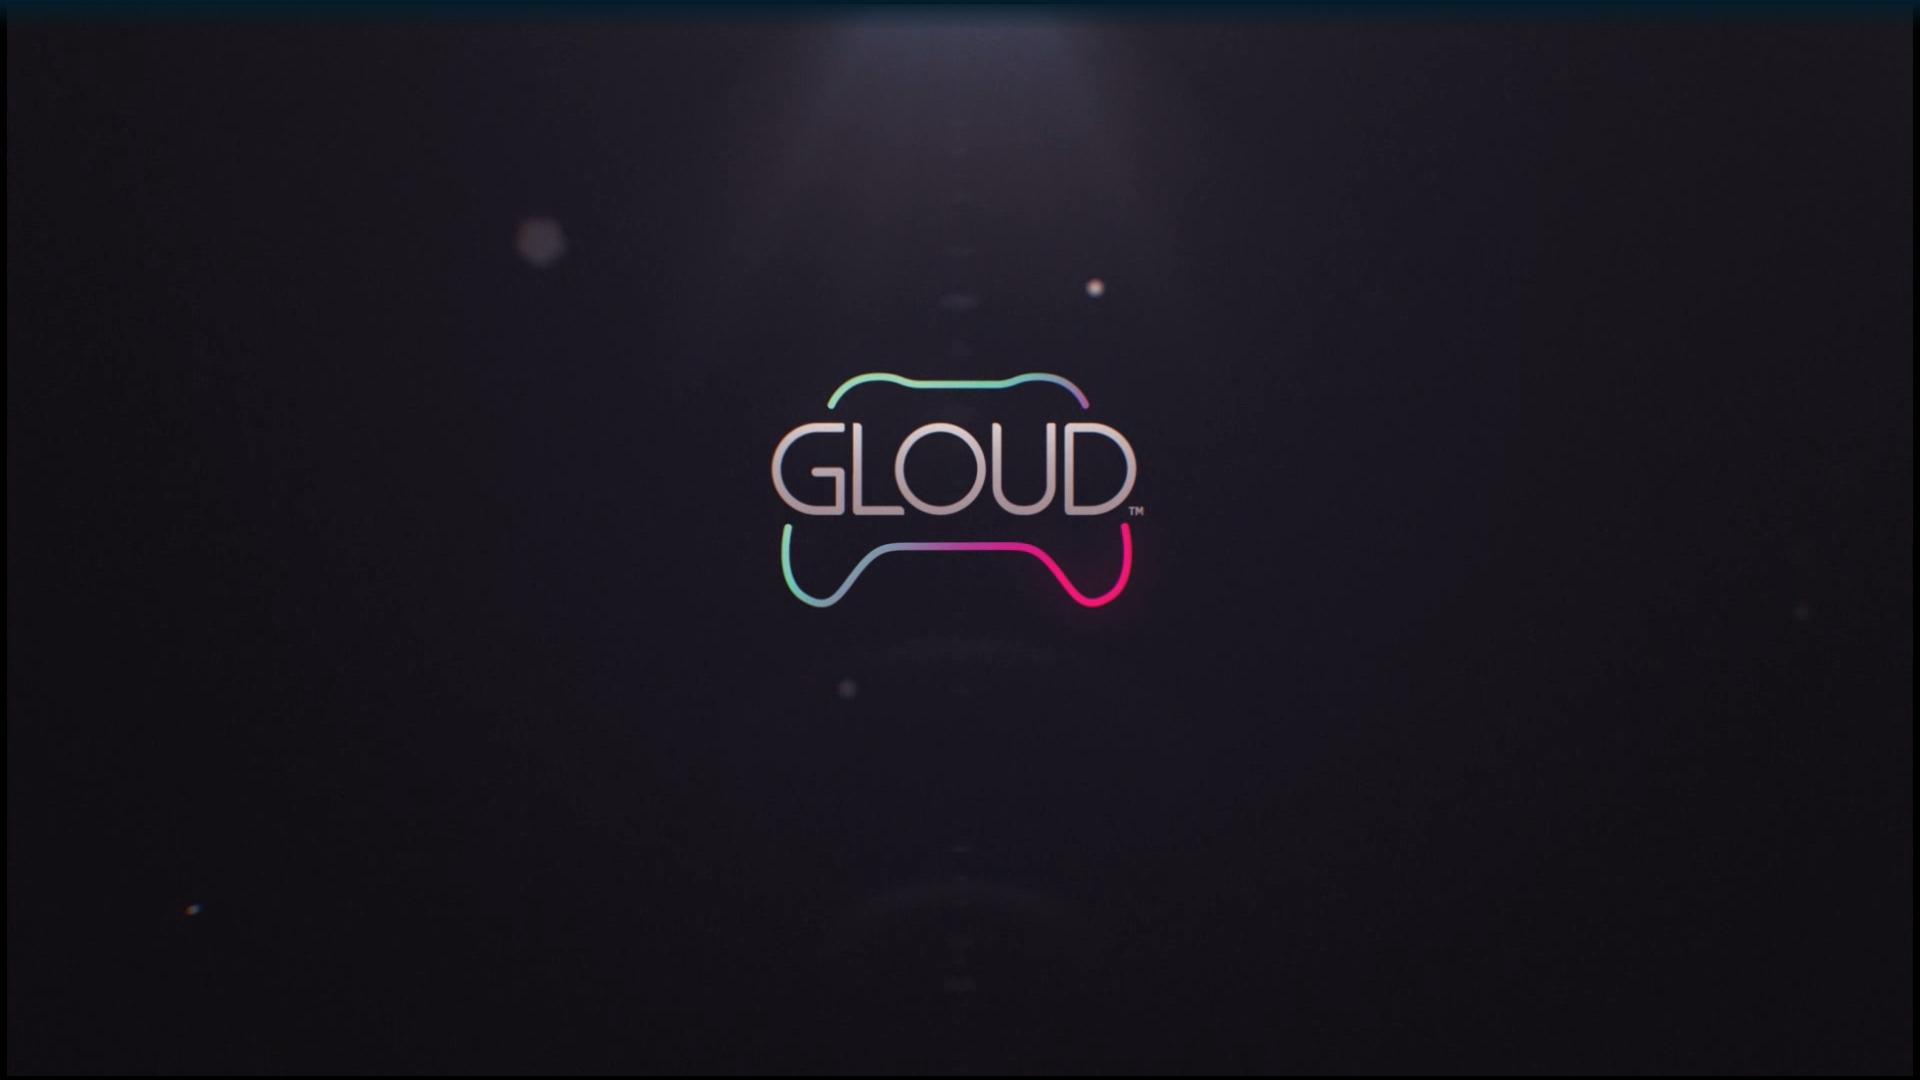 Concurso: gana tres meses de Gloud